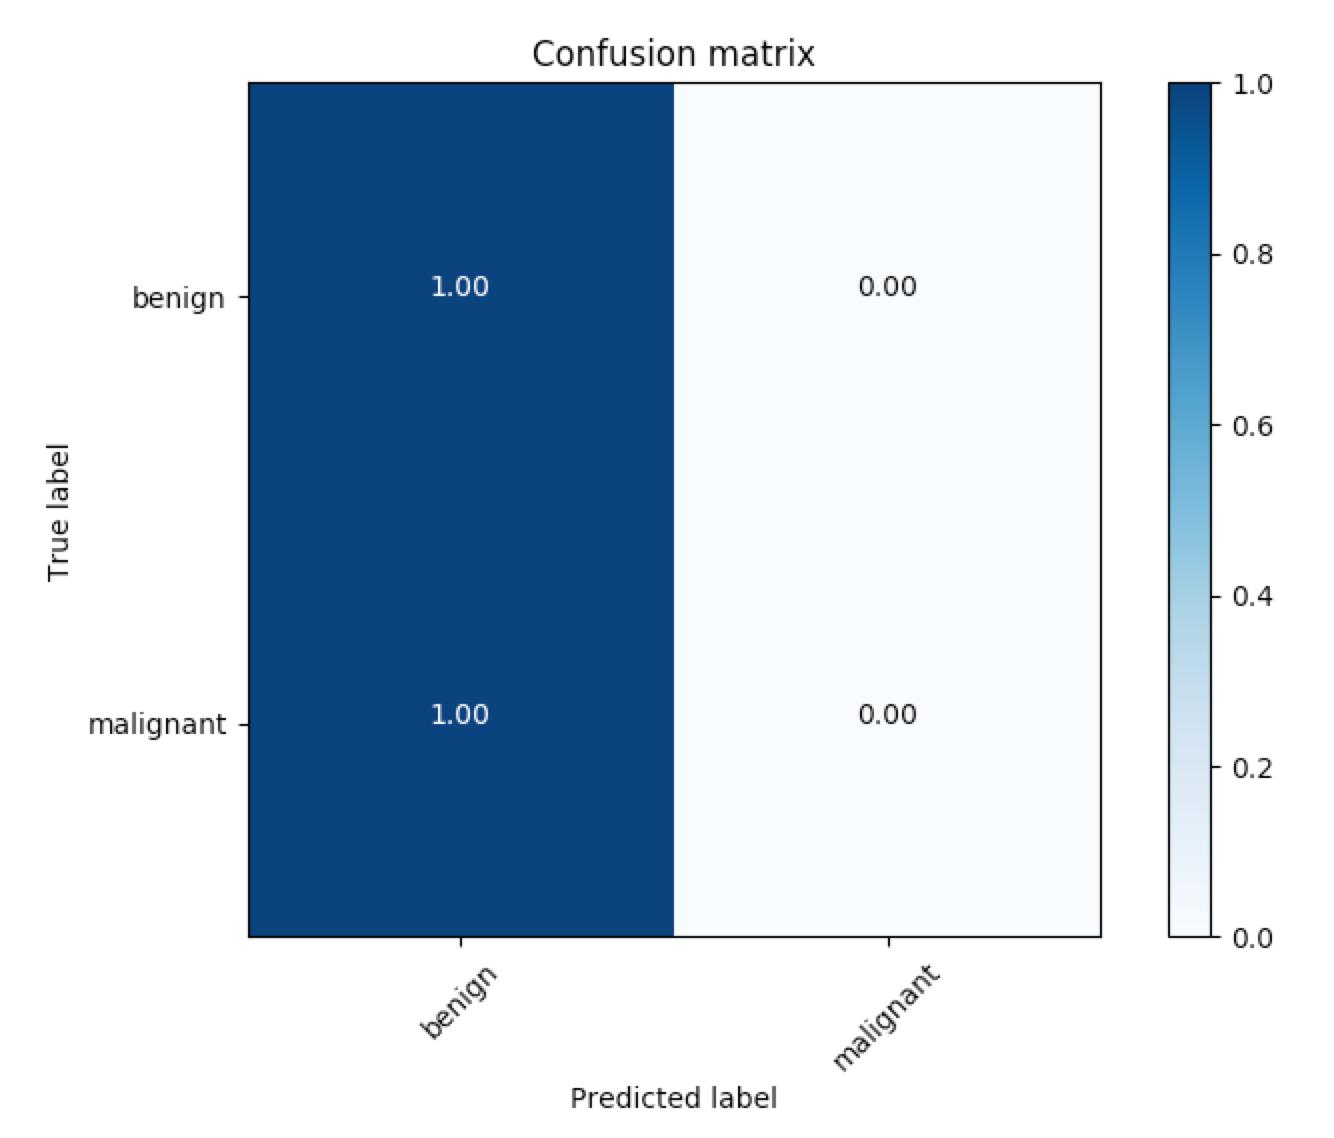 Sample confusion matrix